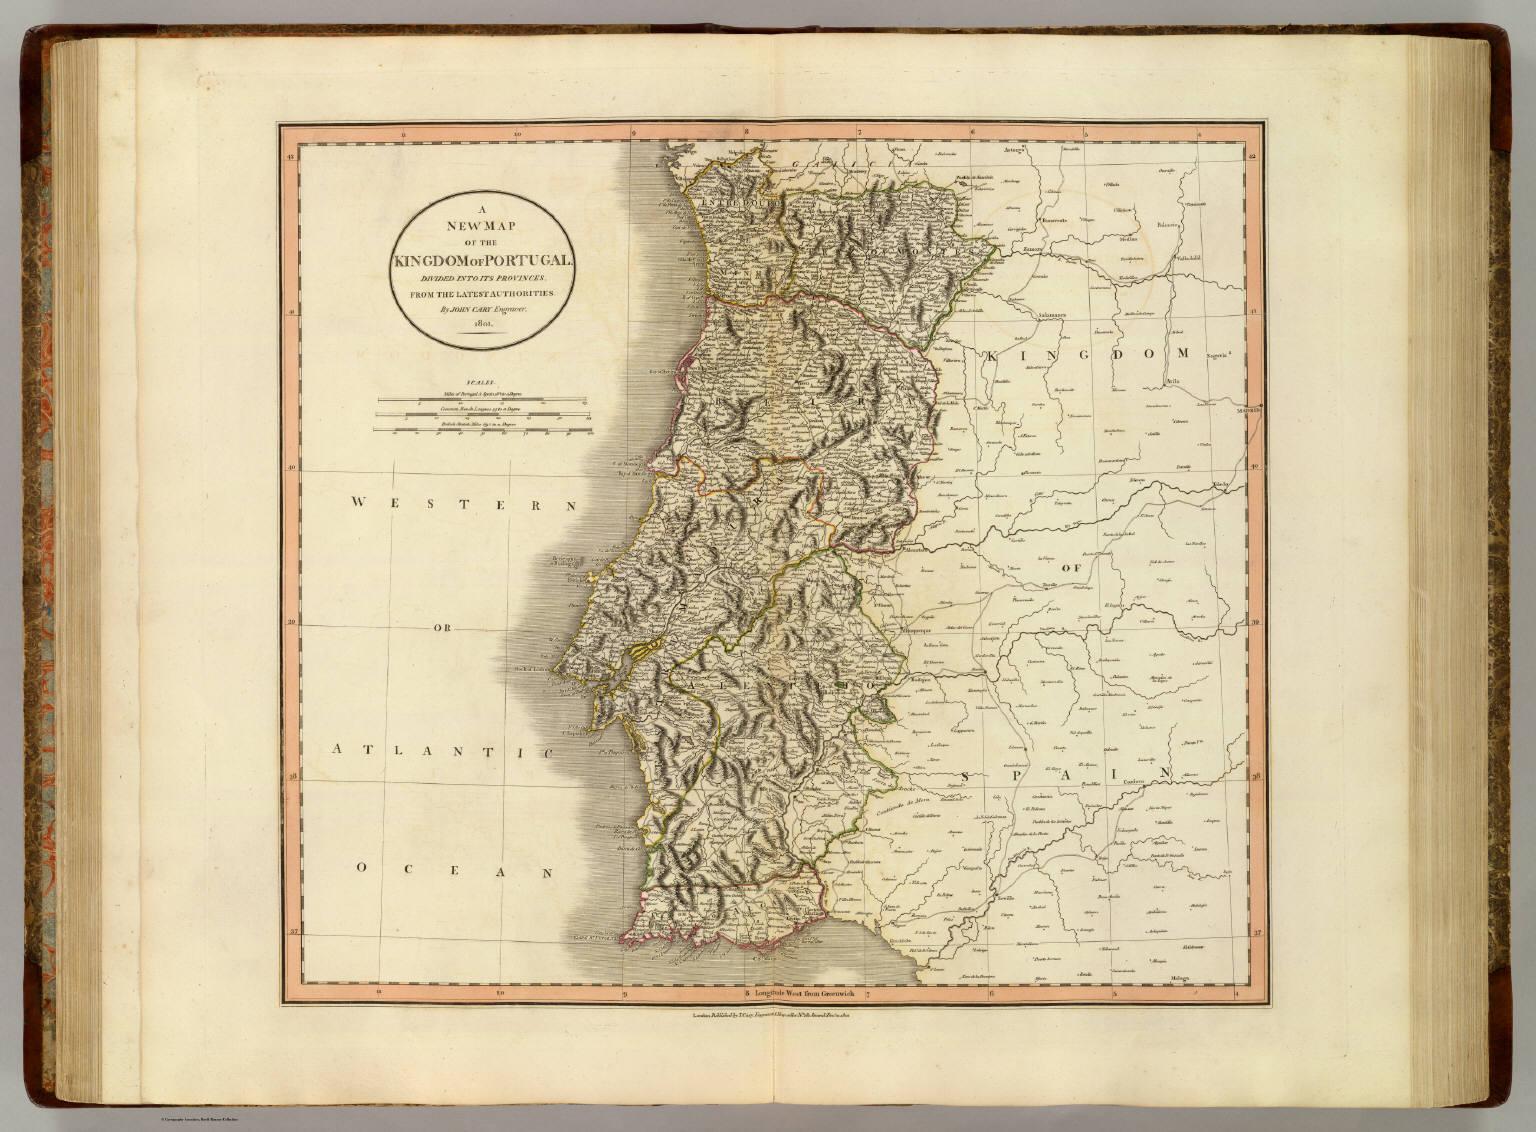 mapa historico de portugal Portugal.   David Rumsey Historical Map Collection mapa historico de portugal